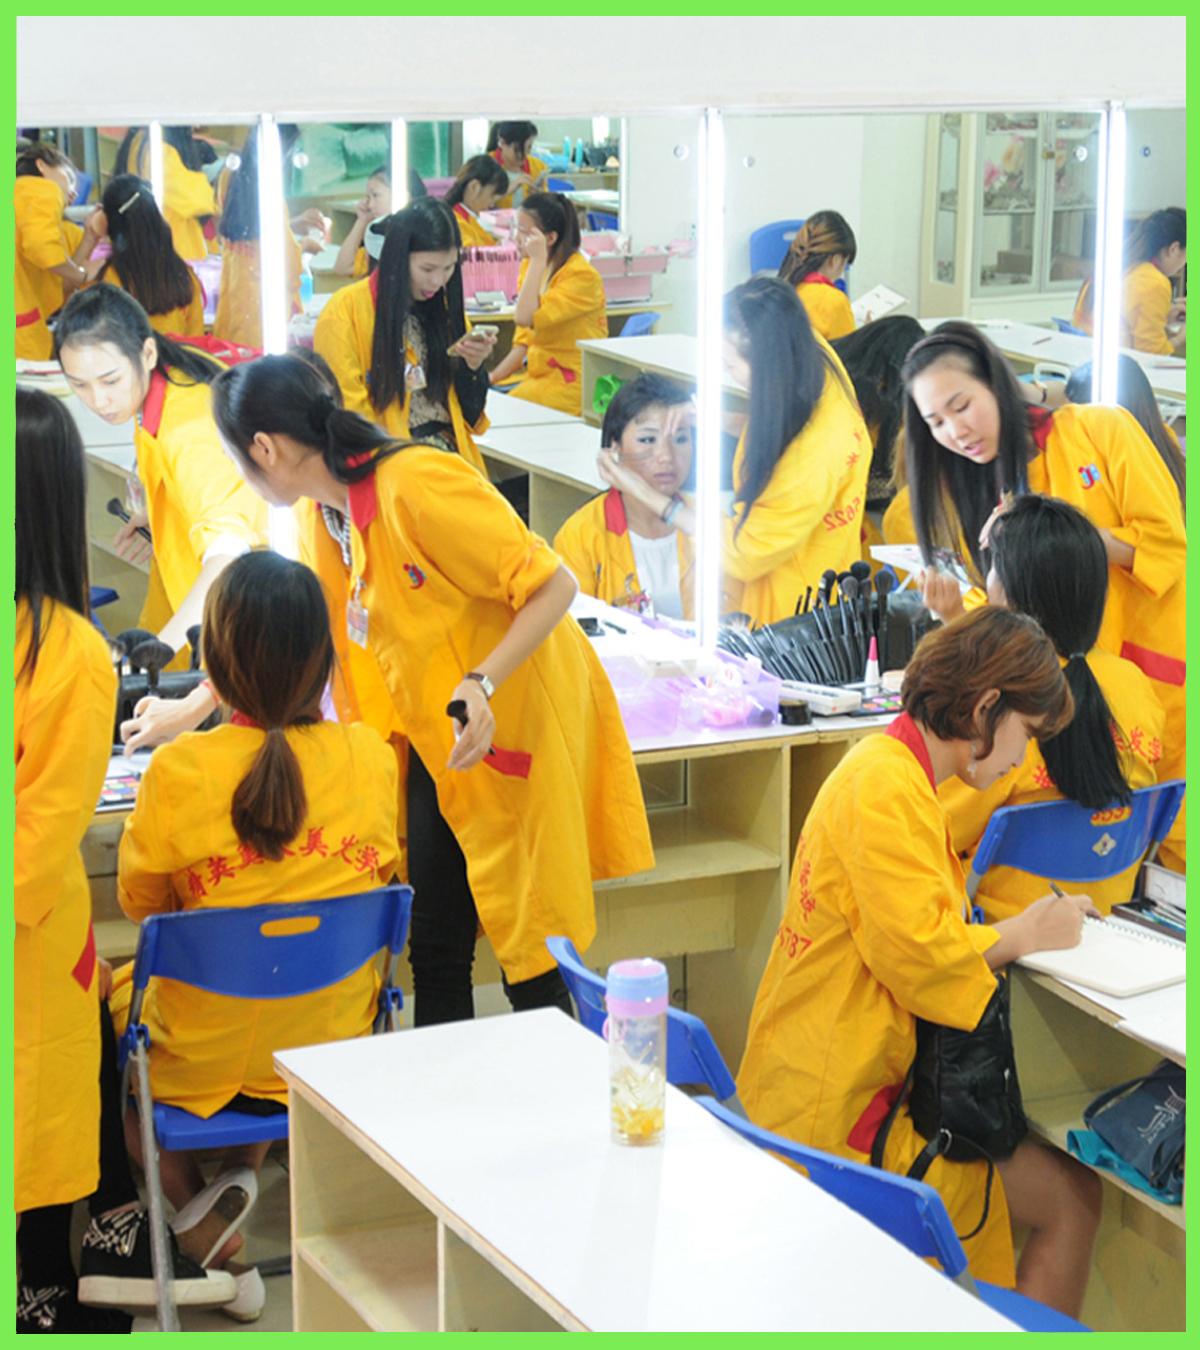 学员校内彩妆比赛